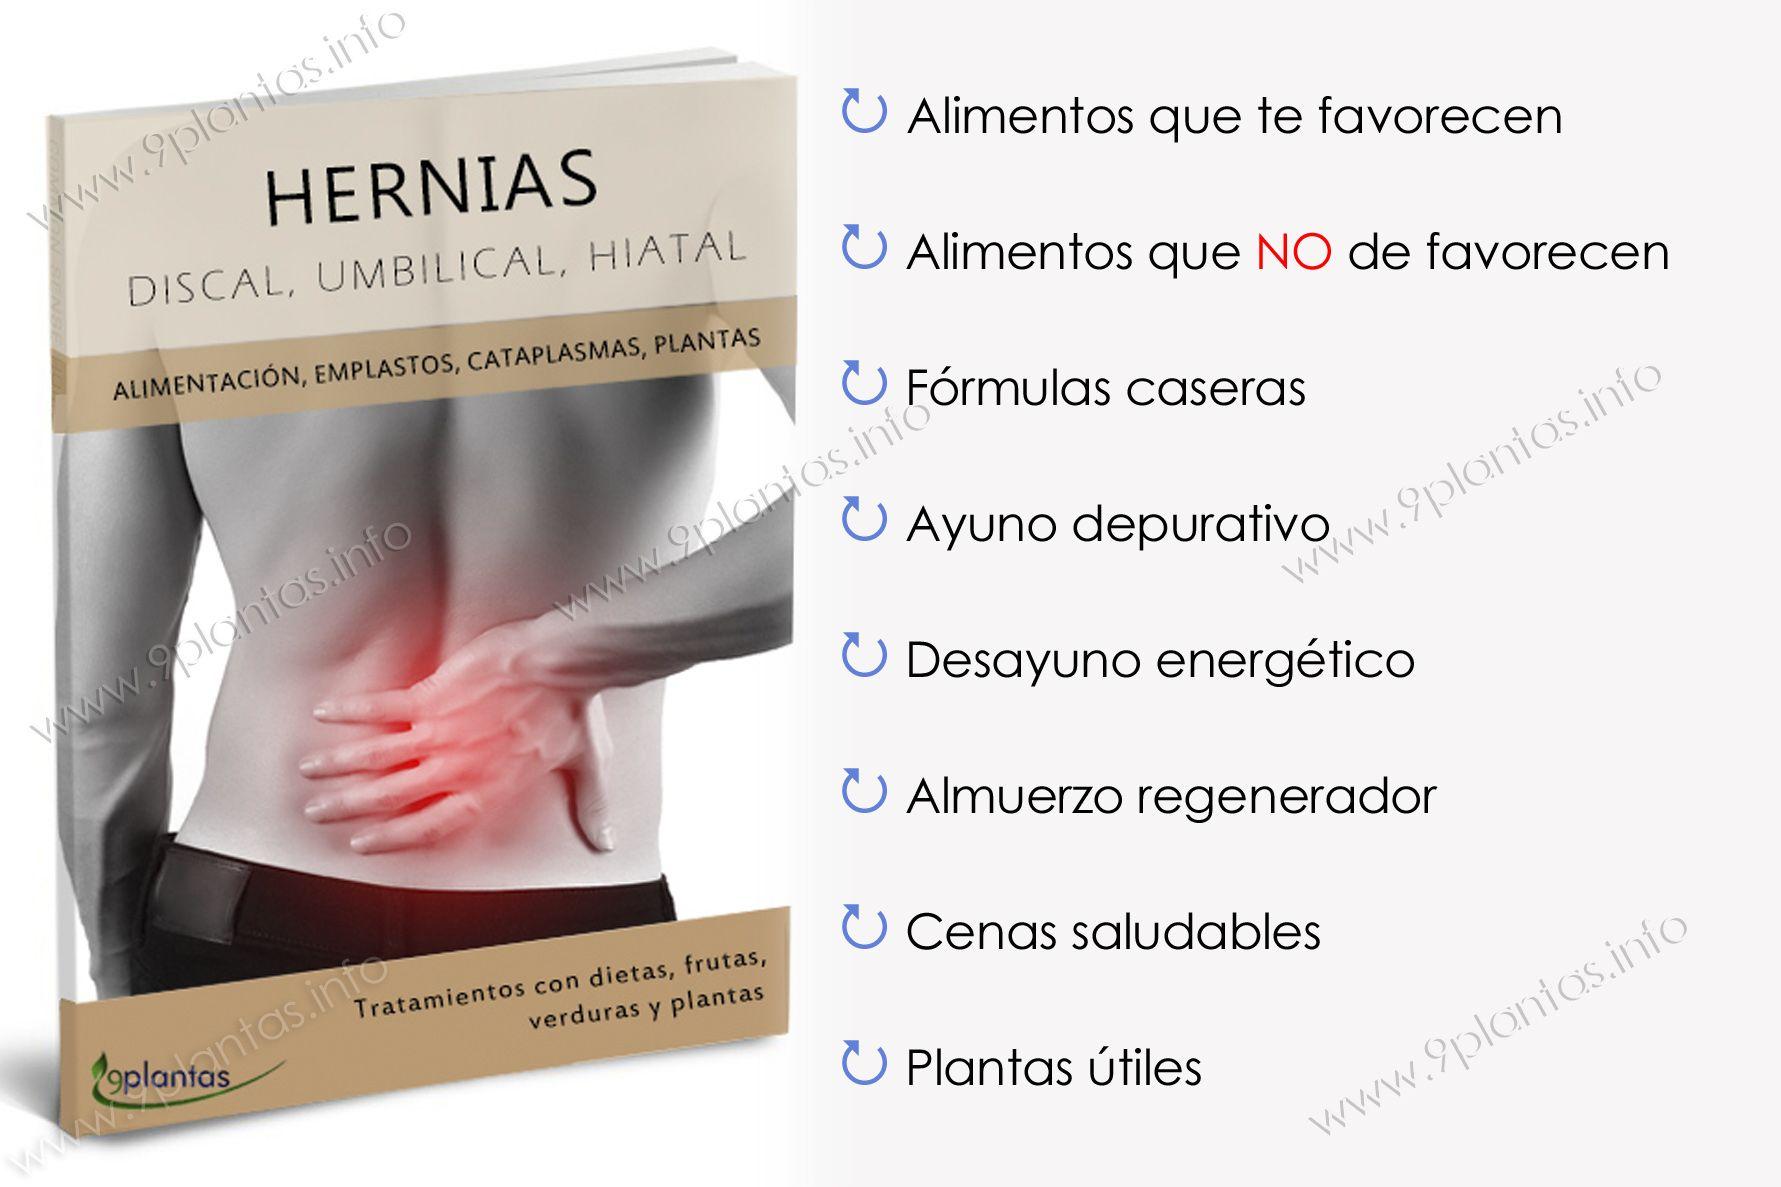 E-book | Hernias; discal, umbilical, hiatal